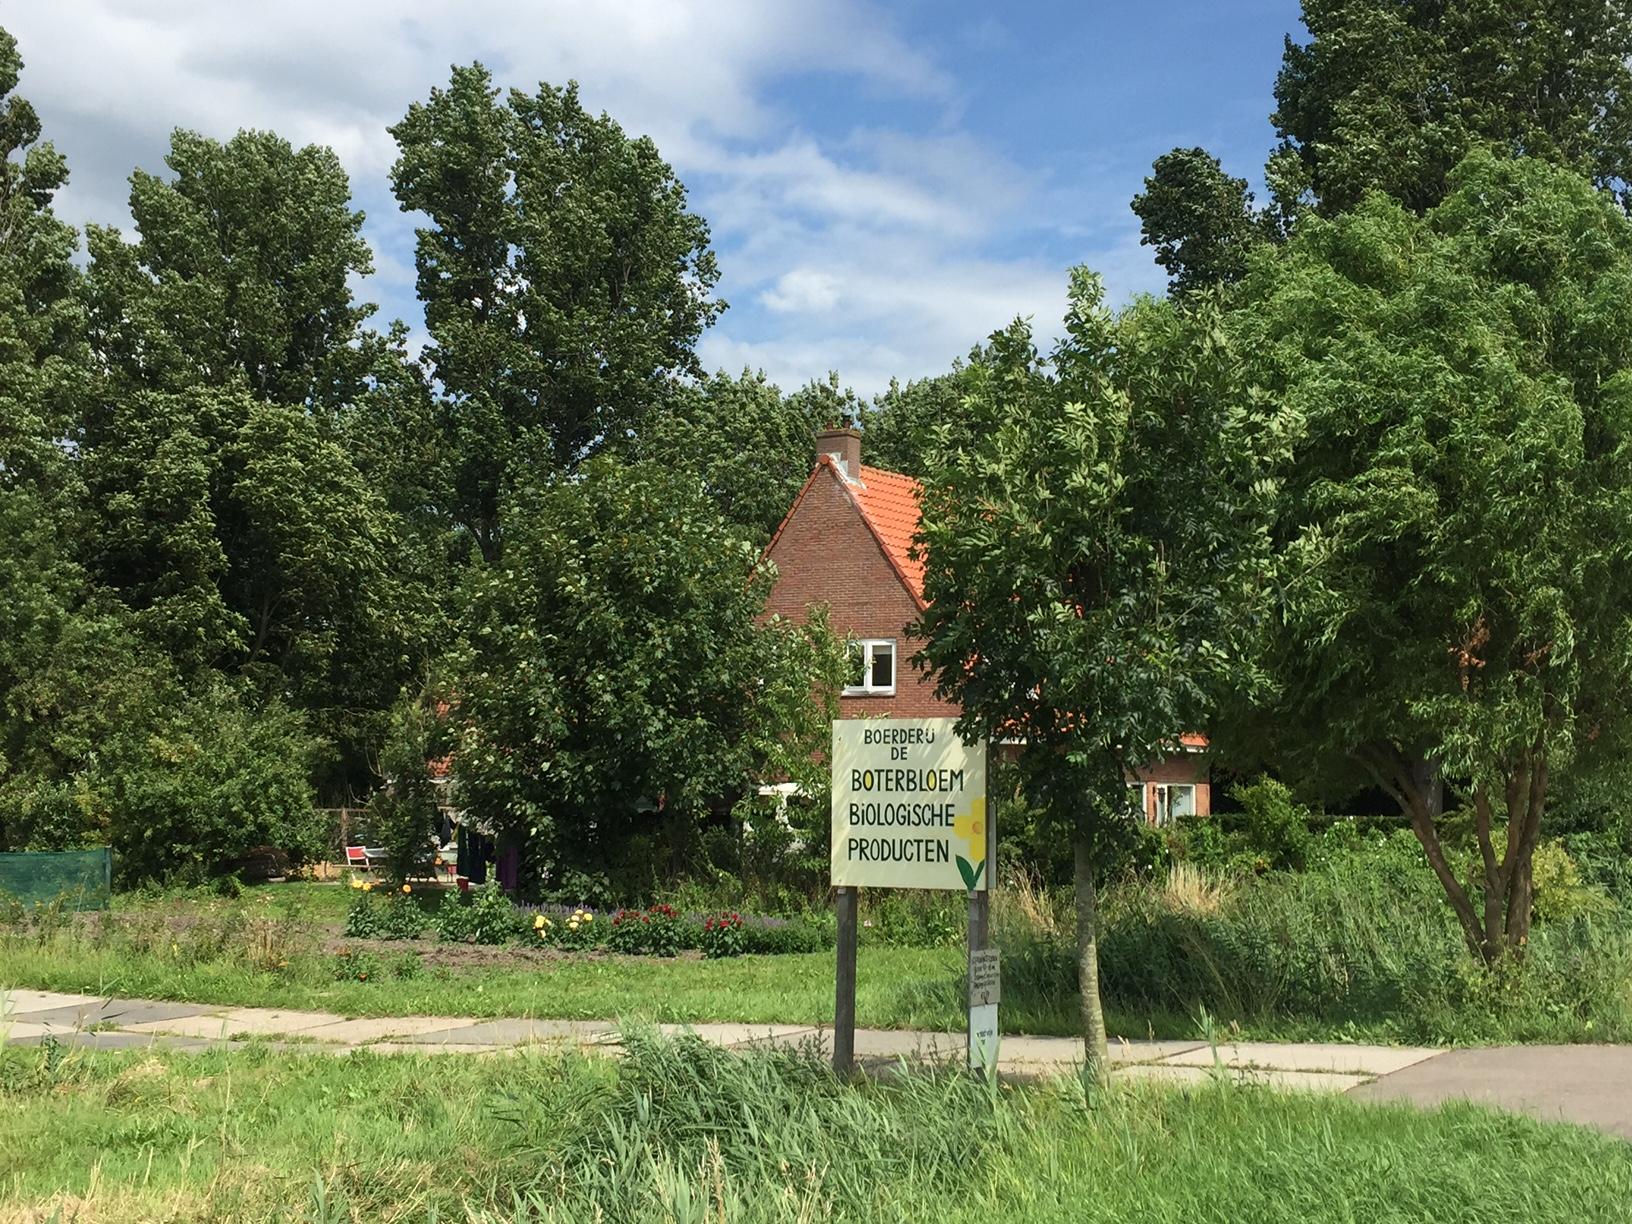 Bioboerderij de Boterbloem Amsterdam